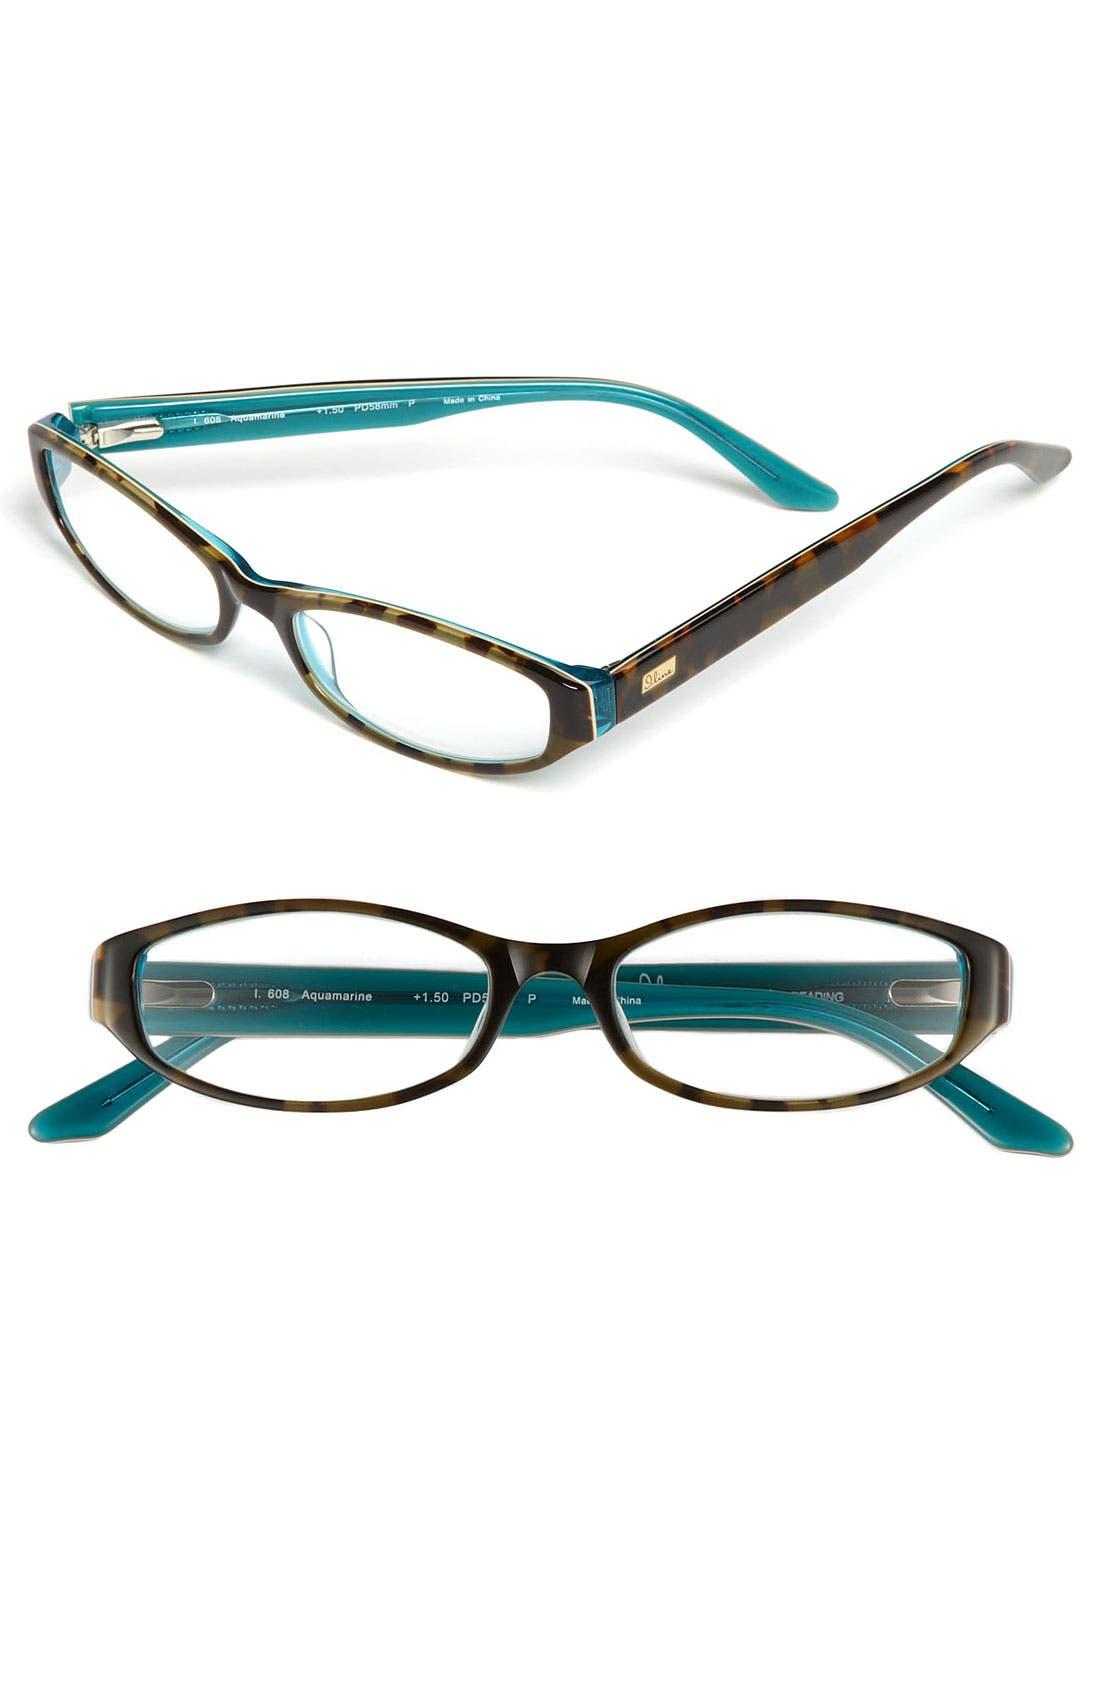 Alternate Image 1 Selected - I Line Eyewear 'Aquamarine' 51mm Reading Glasses